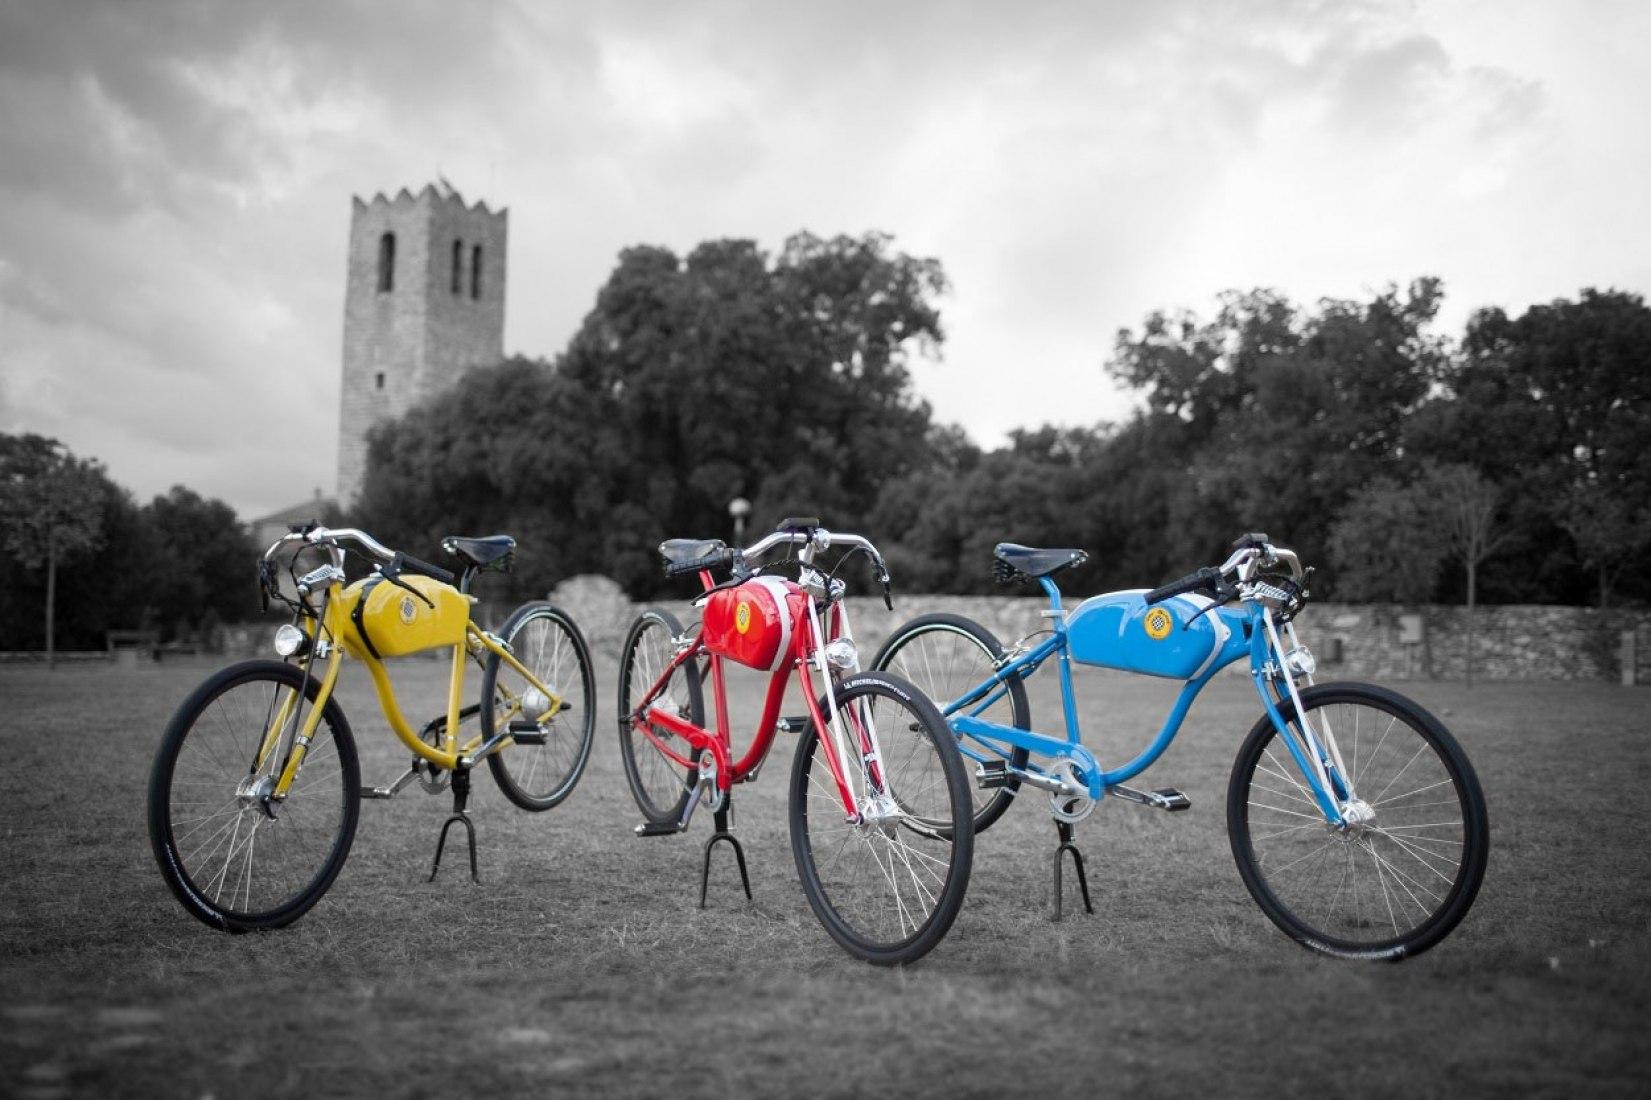 Image courtesy of Otocycles.